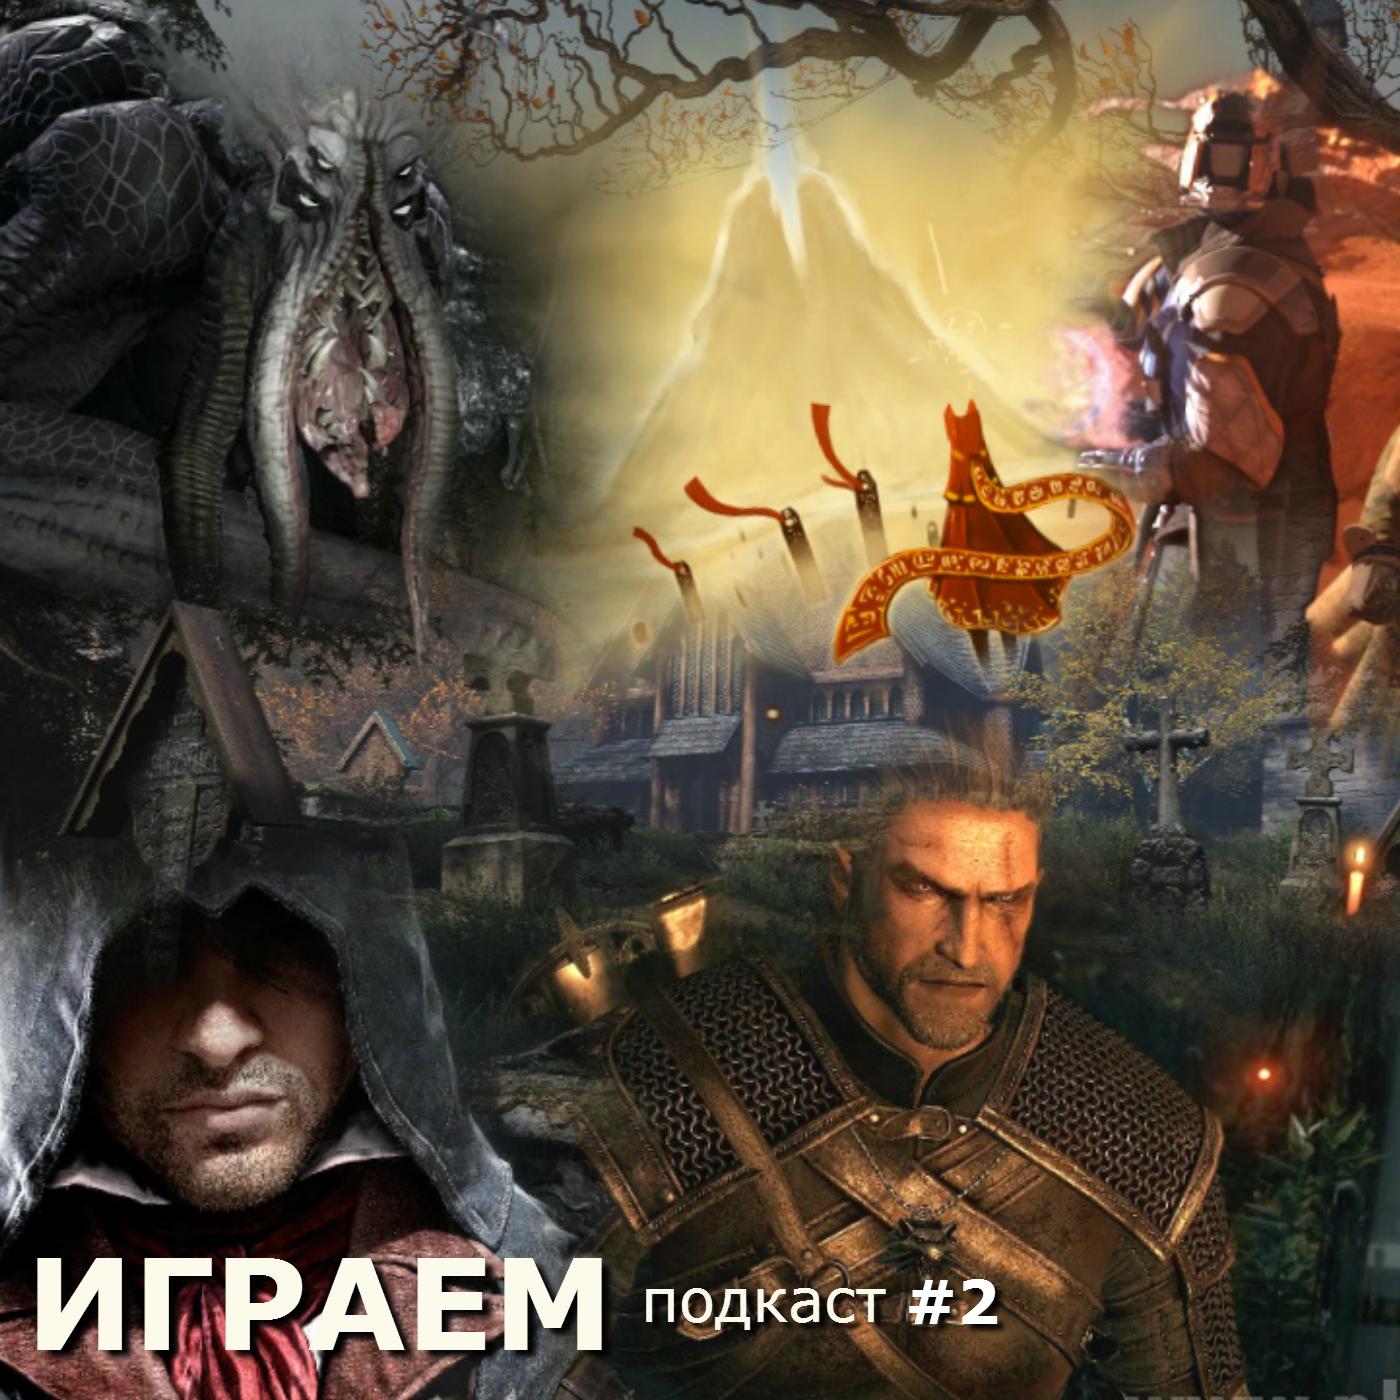 Играем #2 - Лучшие игры Gamescom 2014 - Изображение 1